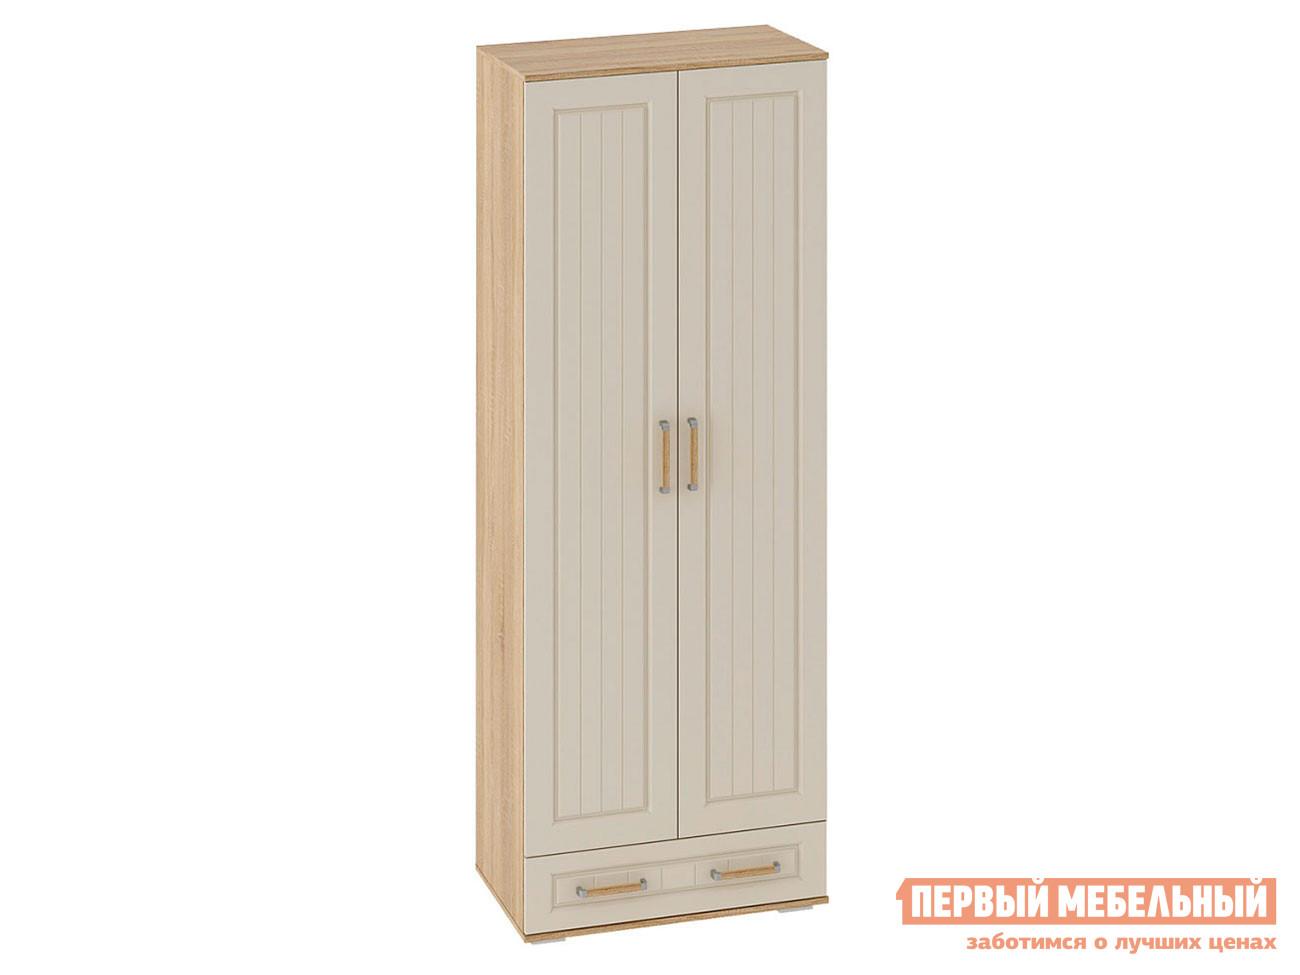 лучшая цена Шкаф распашной Первый Мебельный Шкаф 2-х створчатый Маркиза